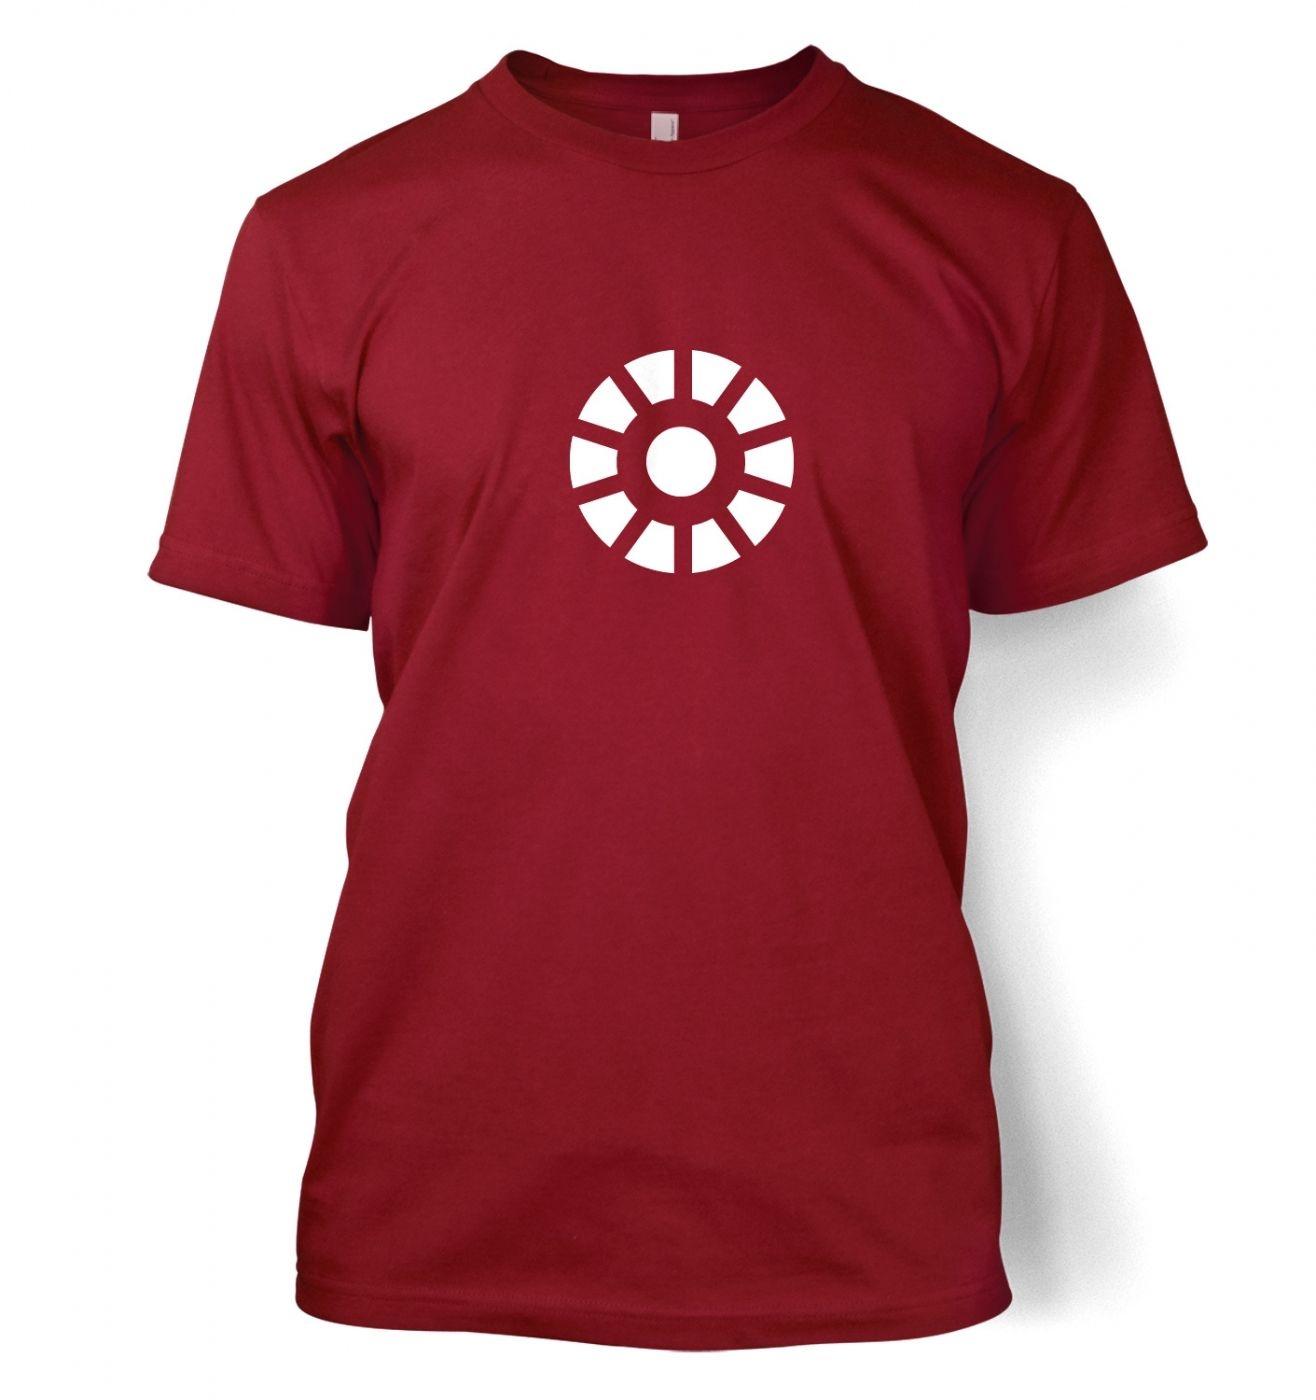 Arc Reactor men's t-shirt